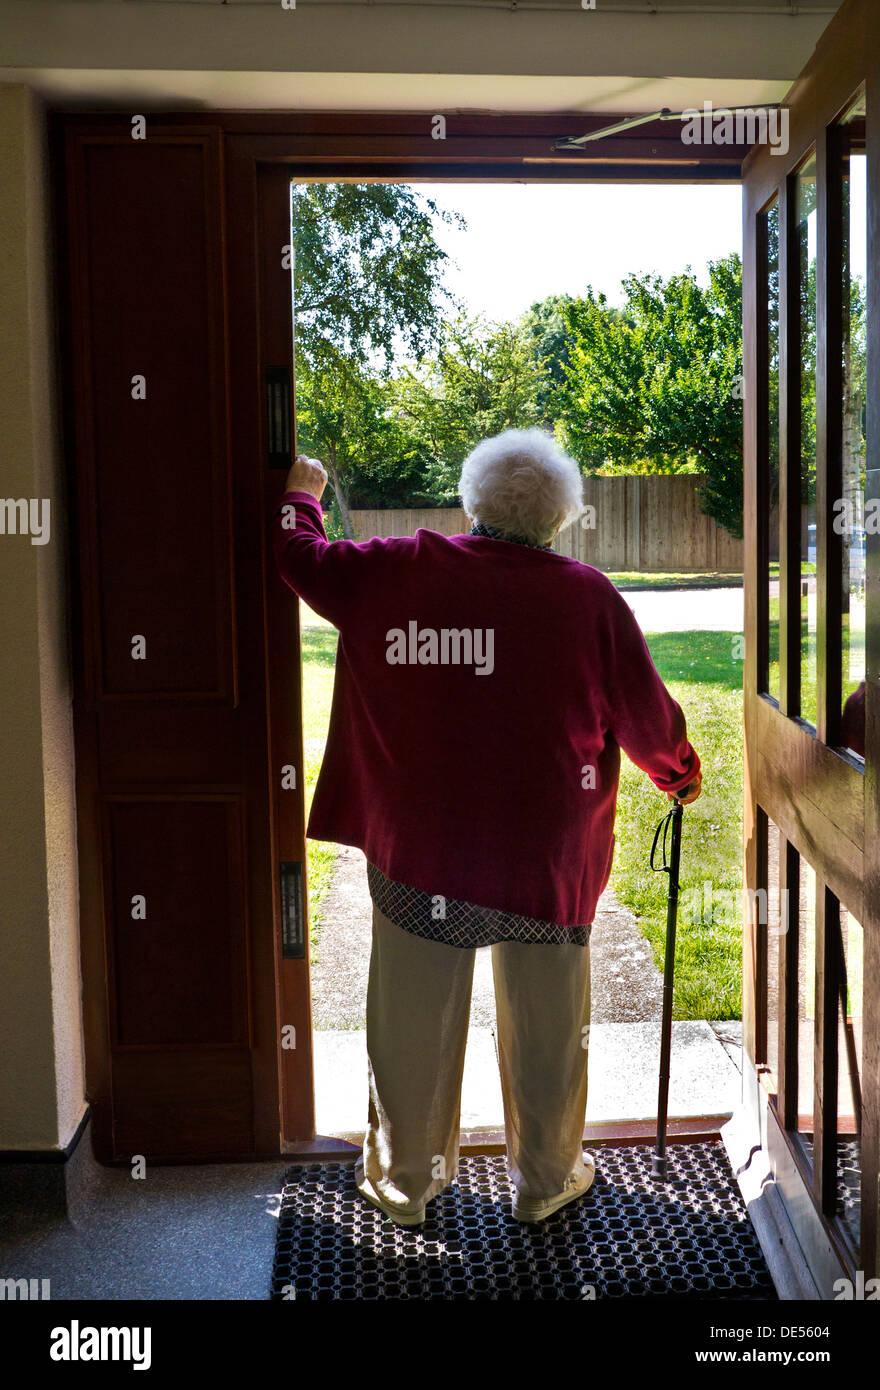 Puerta frontal de ancianos esperando seguro Pensive ancianos de edad senior dama solas con bastón se detiene en su puerta delantera abierta Imagen De Stock